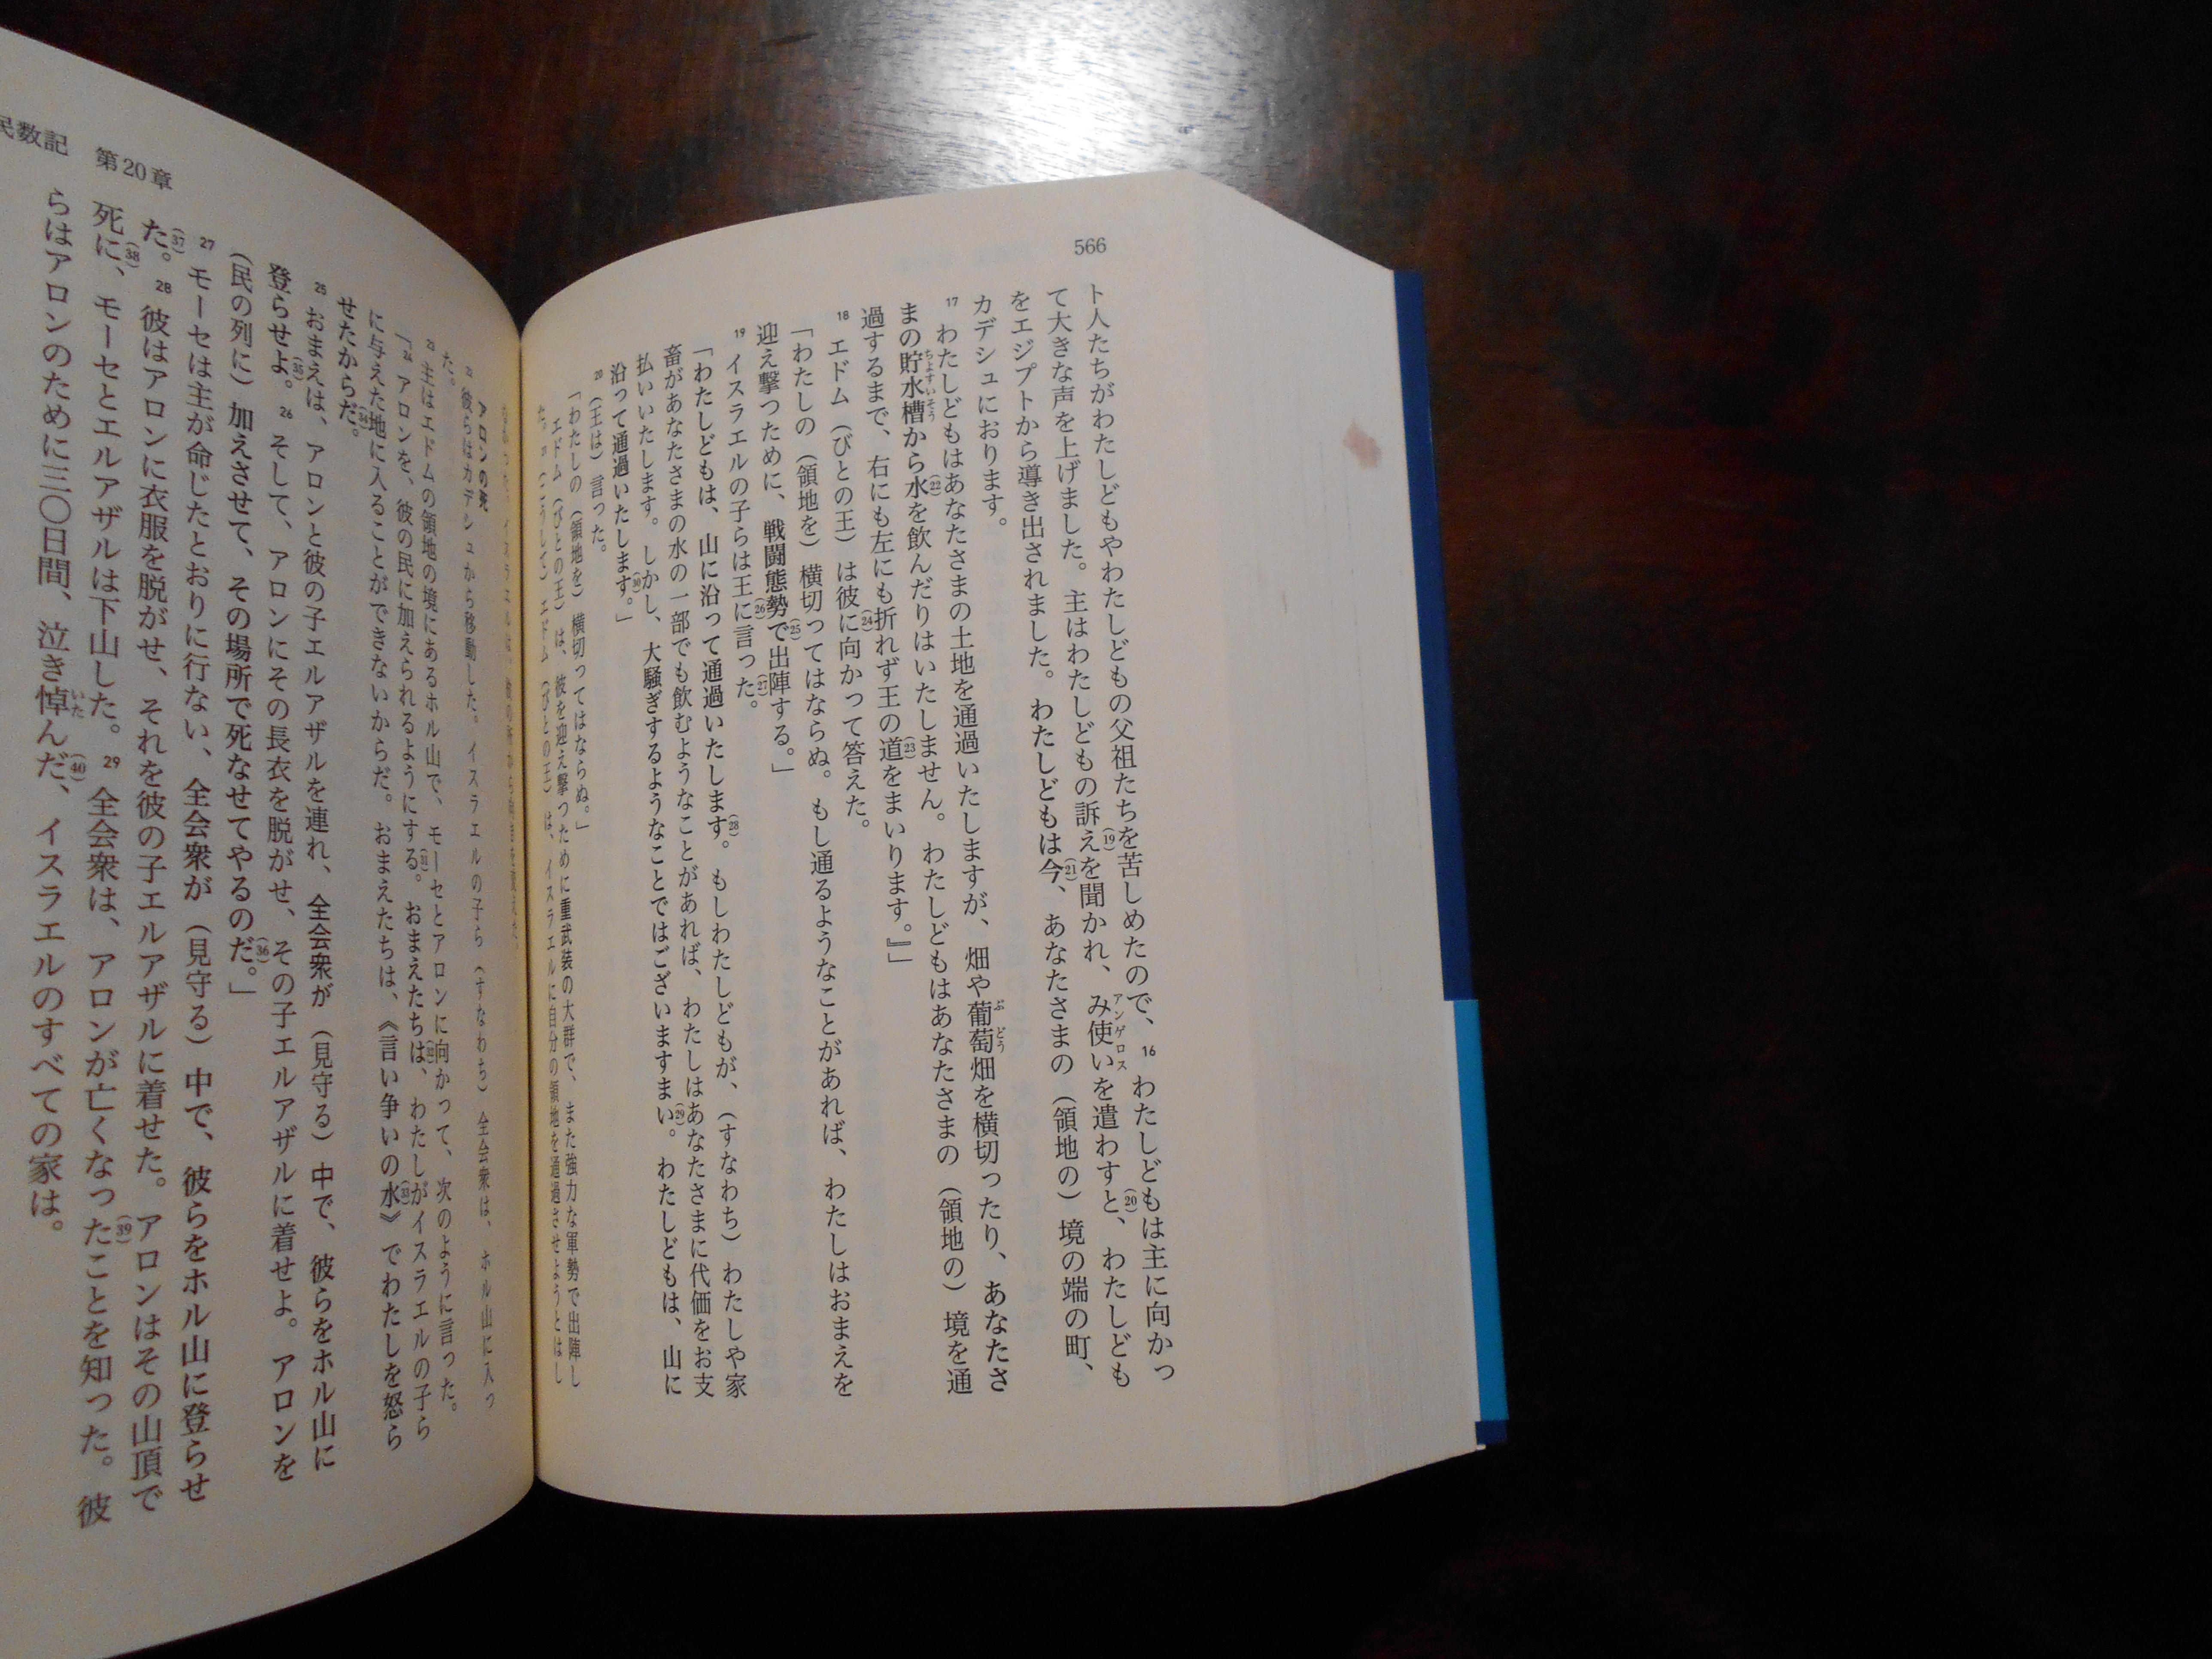 七十人訳 ギリシア語聖書」(秦剛...